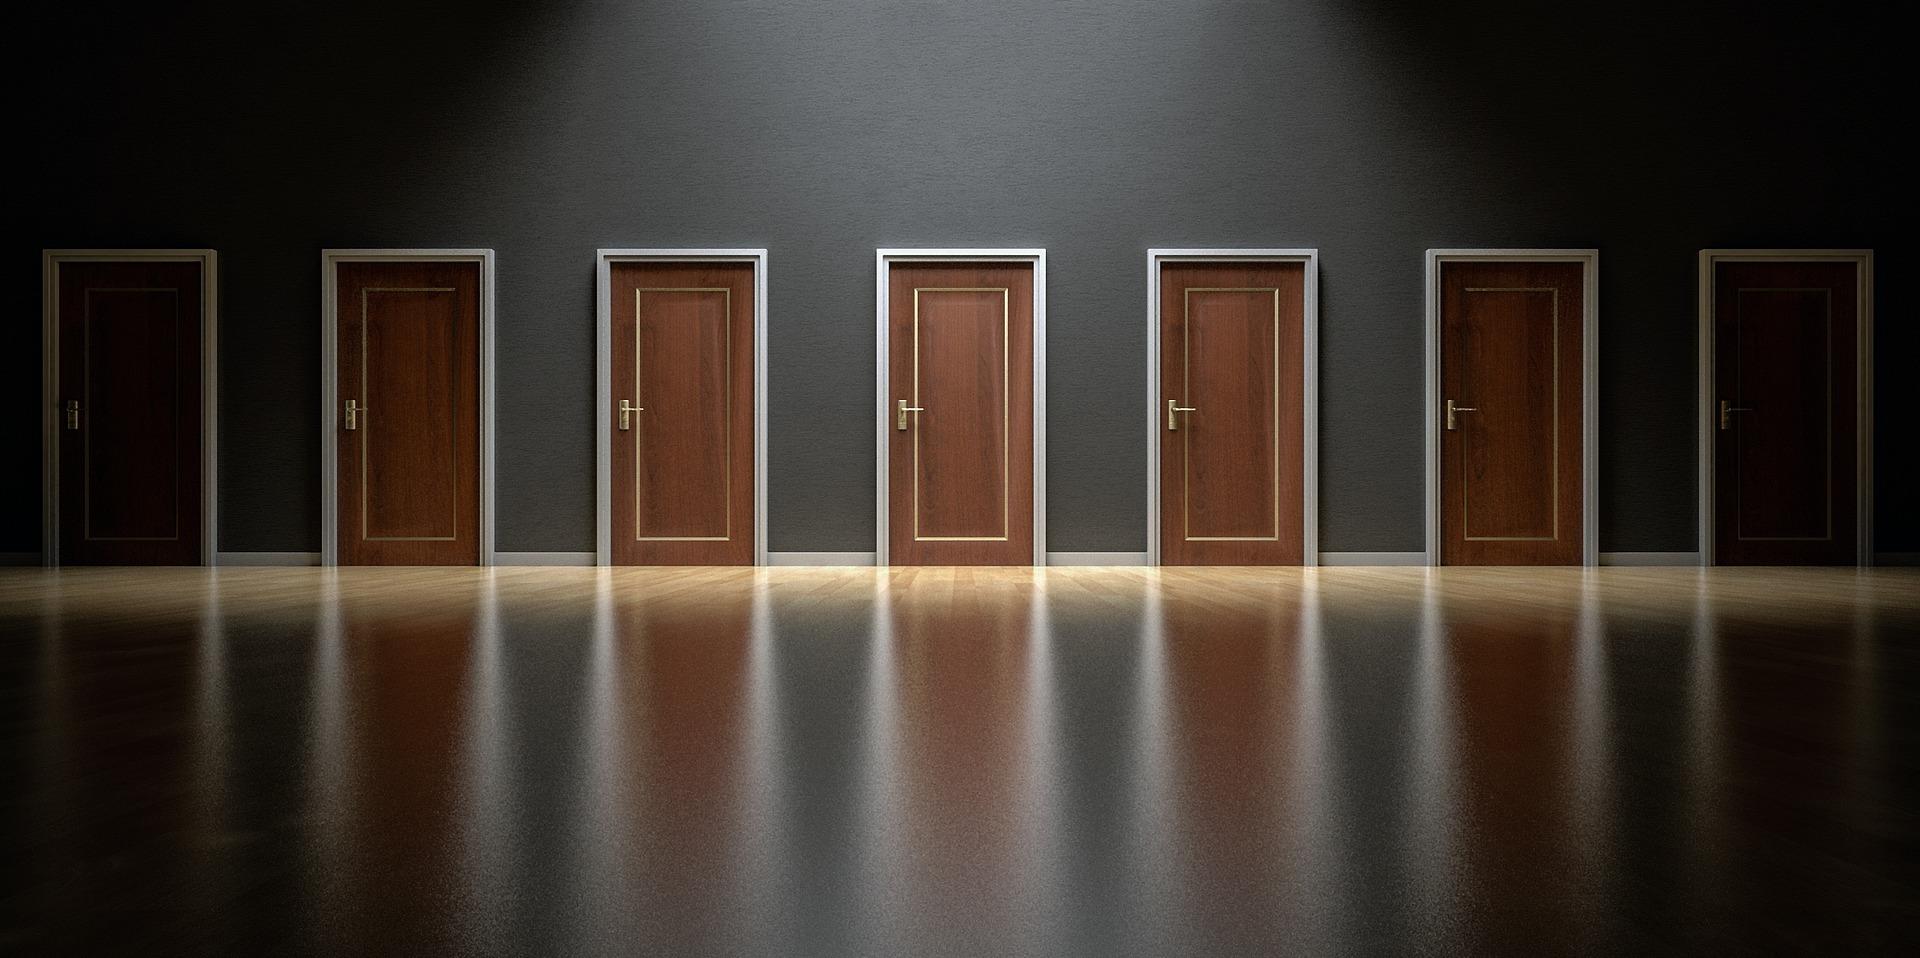 doors-1587329_1920.jpg